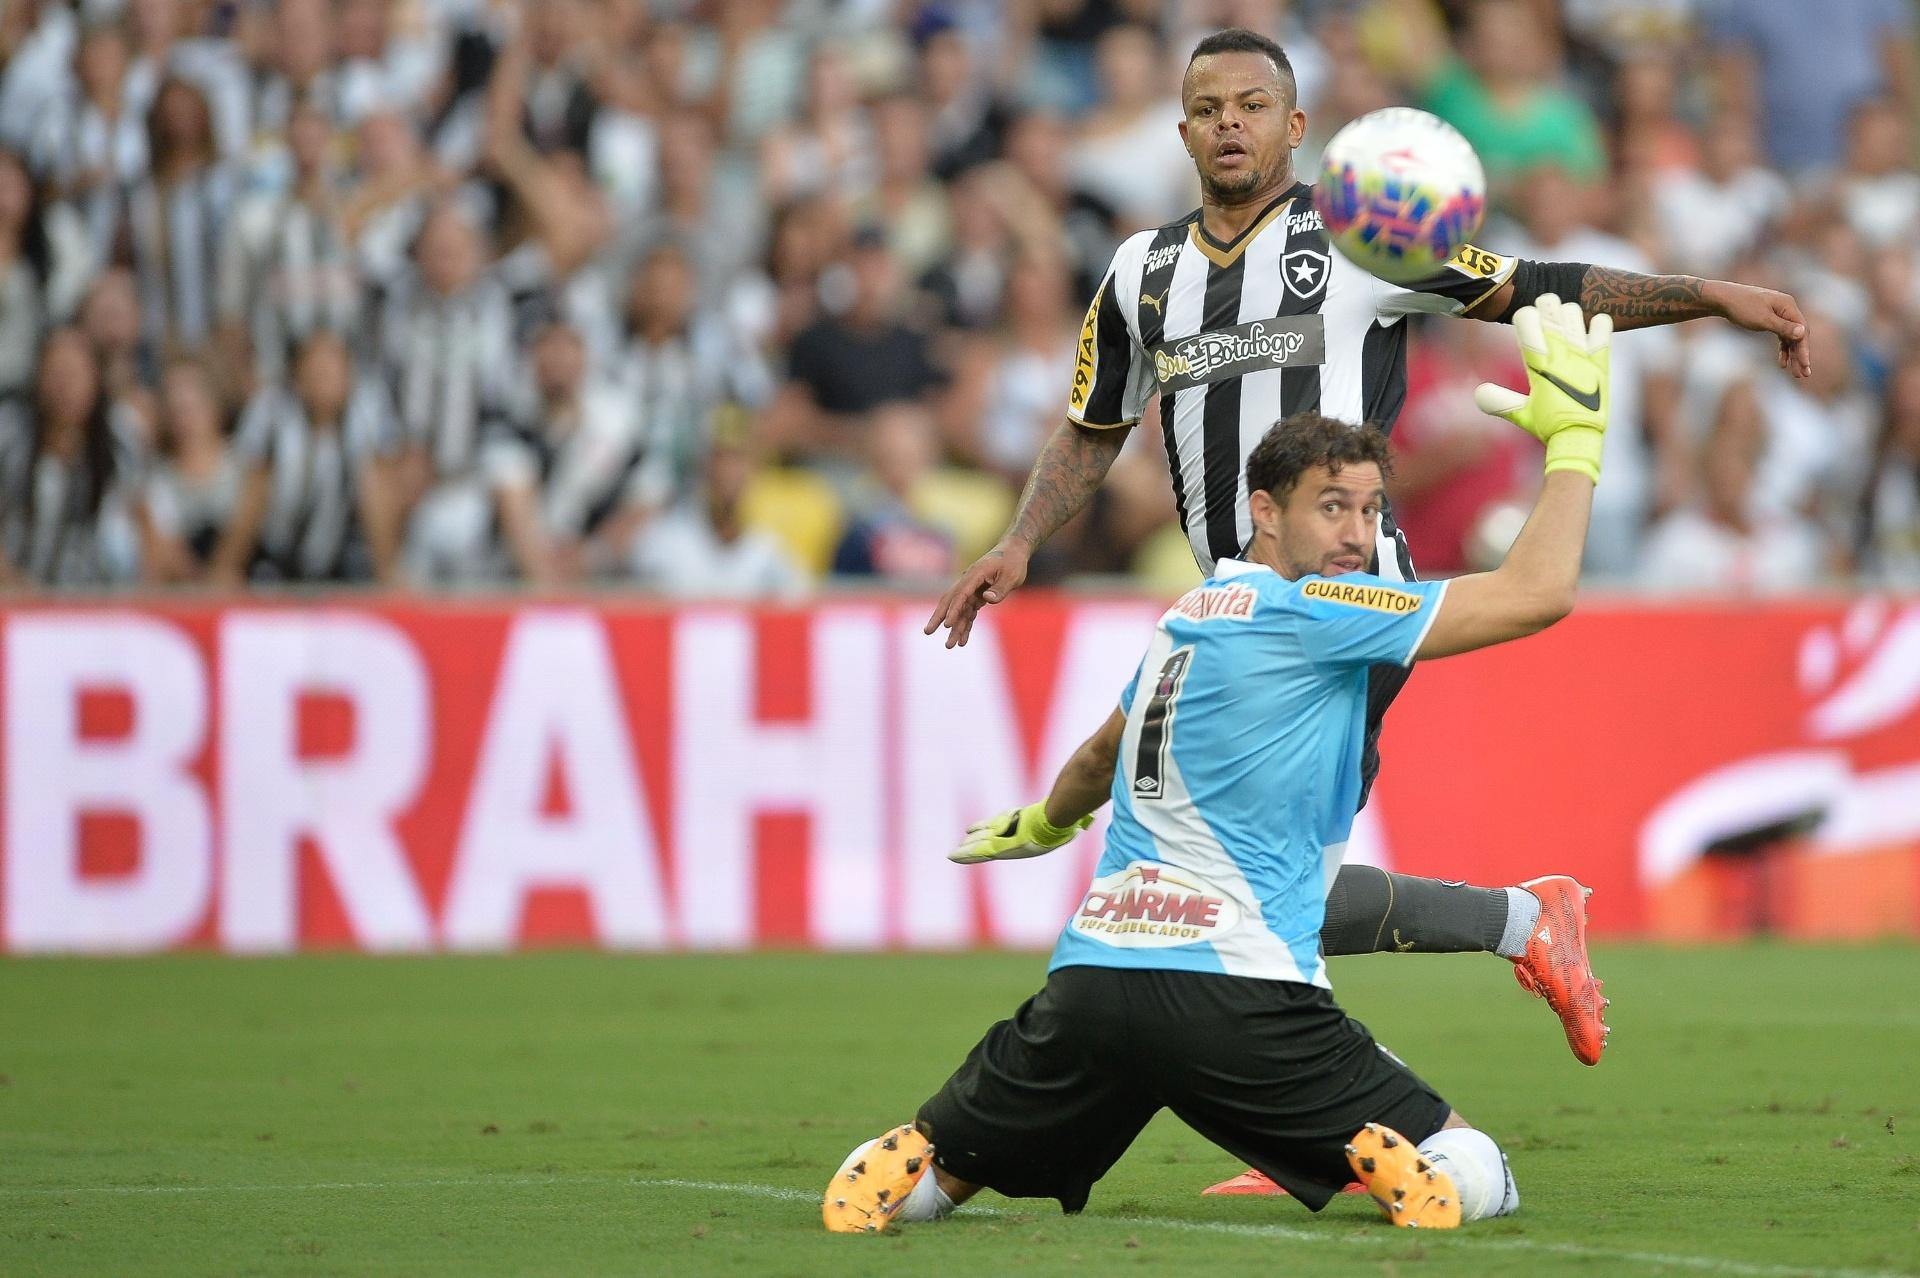 af5a751bd6 Atacante Bill alega problemas pessoais e está fora do Botafogo - 29 06 2015  - UOL Esporte